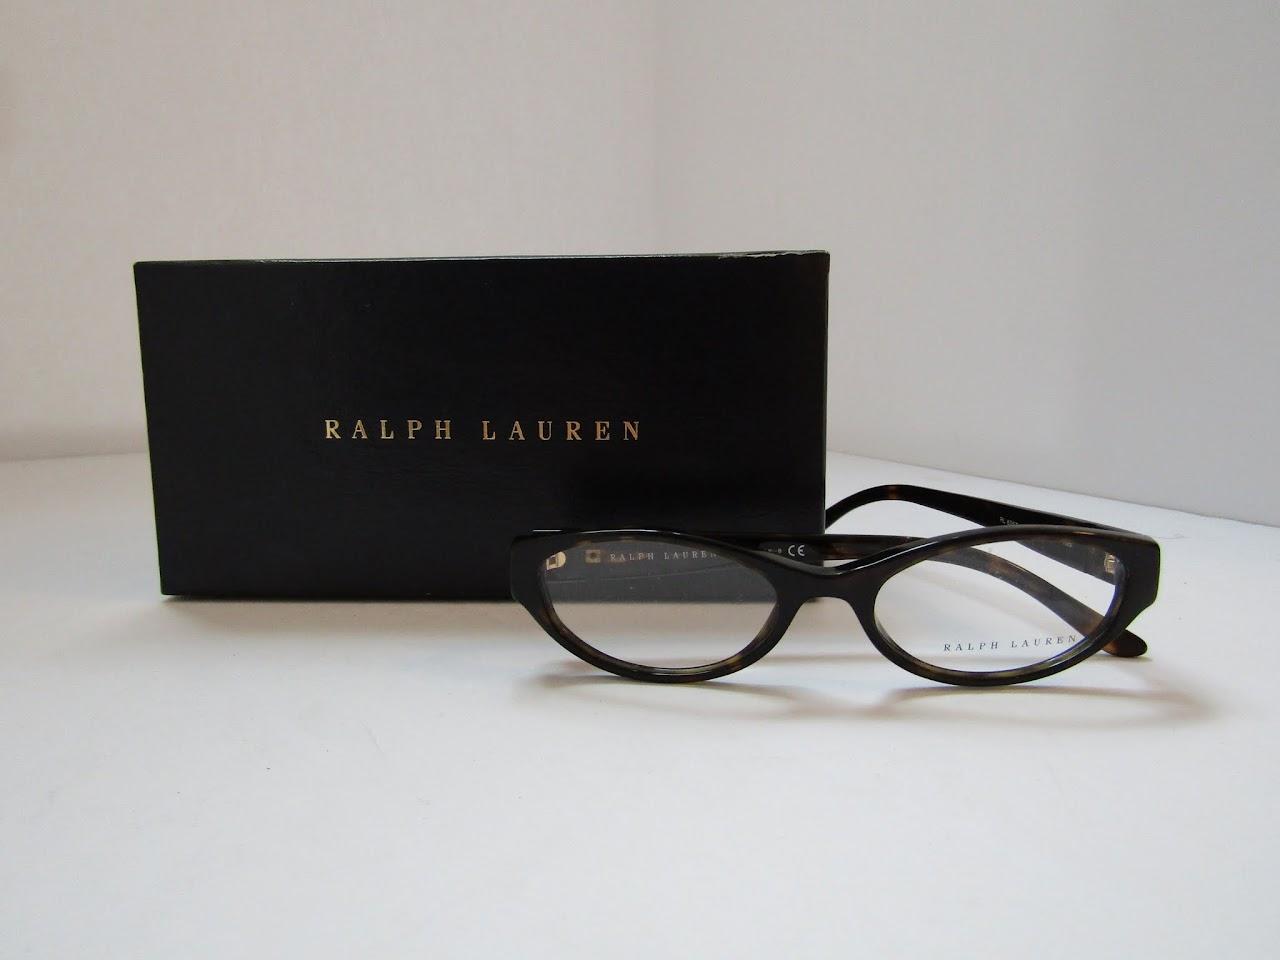 Ralph Lauren Frames